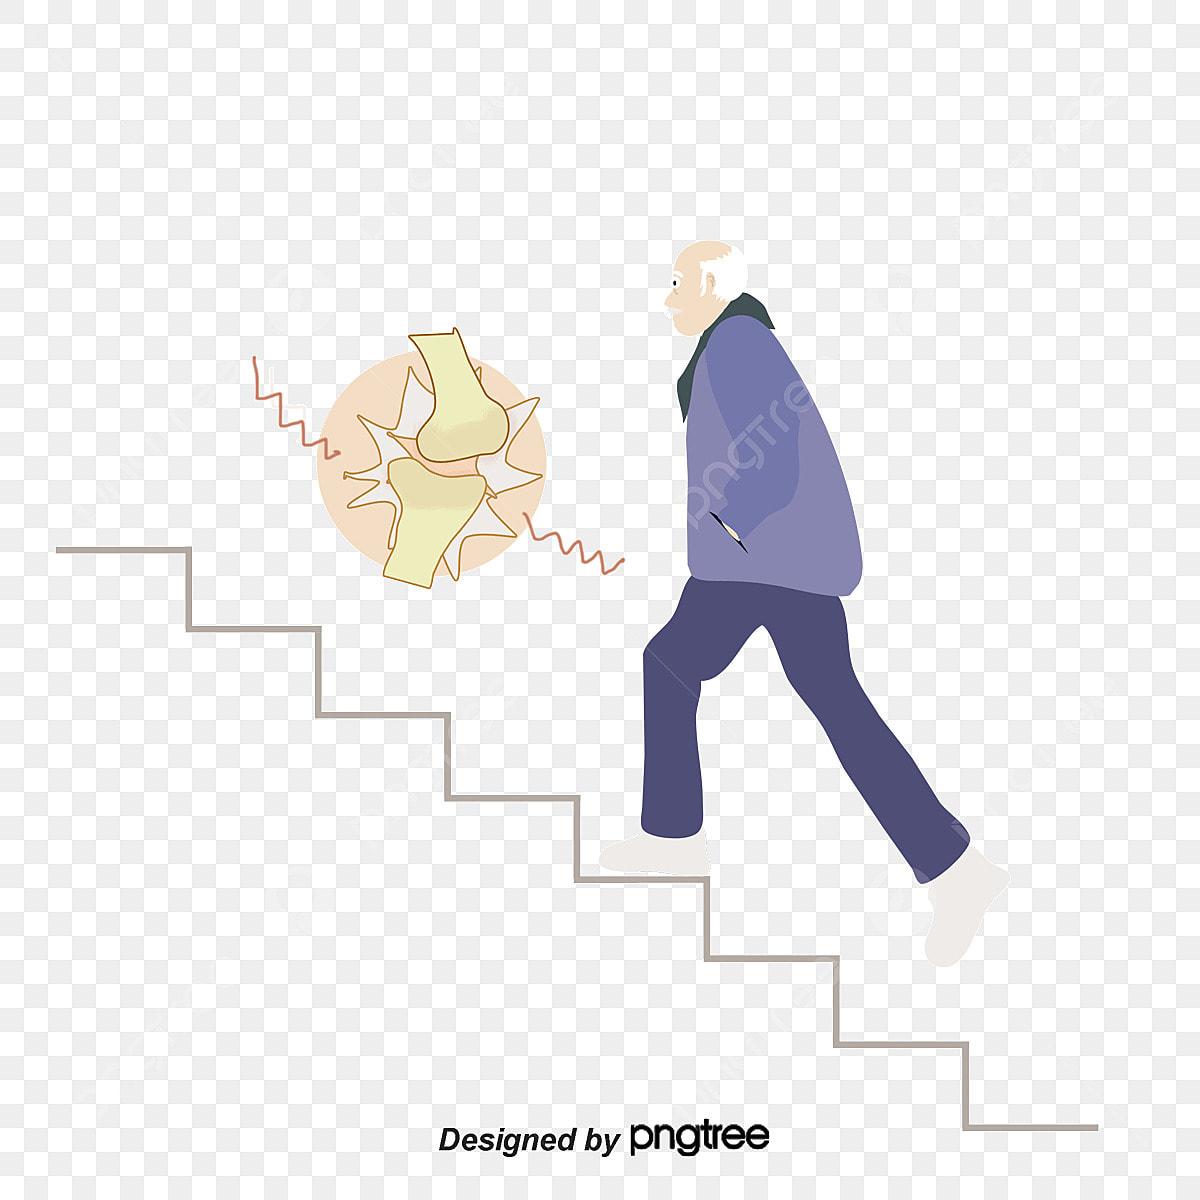 膝関節関節かぶれるイラスト 関節炎 痛み 階段を上がる画像とpsd素材